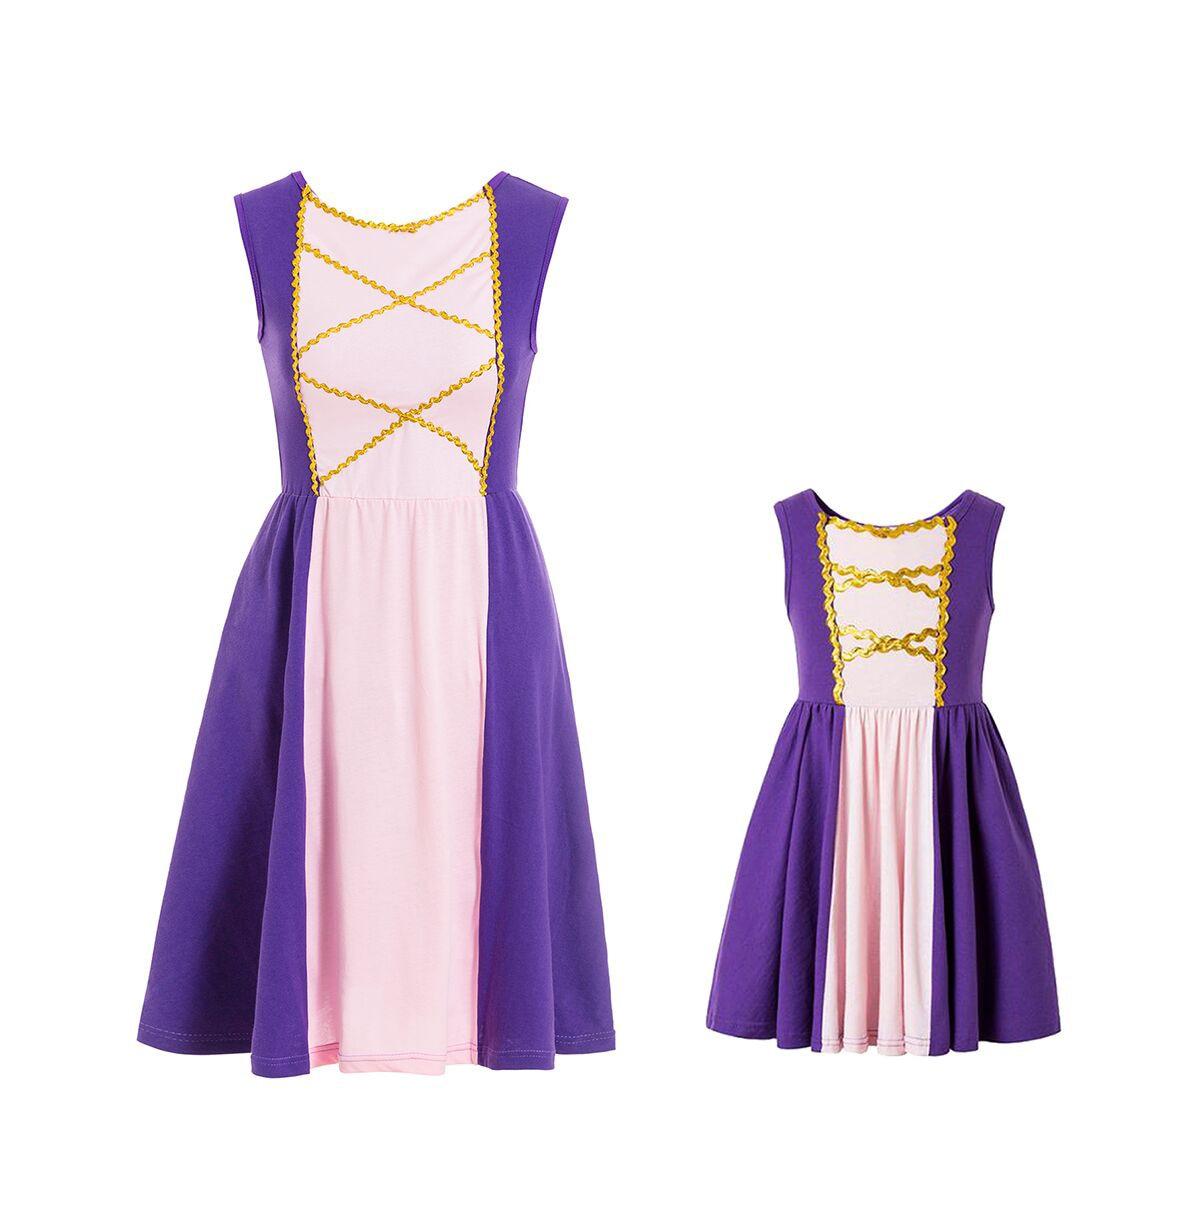 Платье принцессы для взрослых; одинаковый семейный маскарадный костюм «Минни Маус и я»; женское платье принцессы в горошек; большие размеры